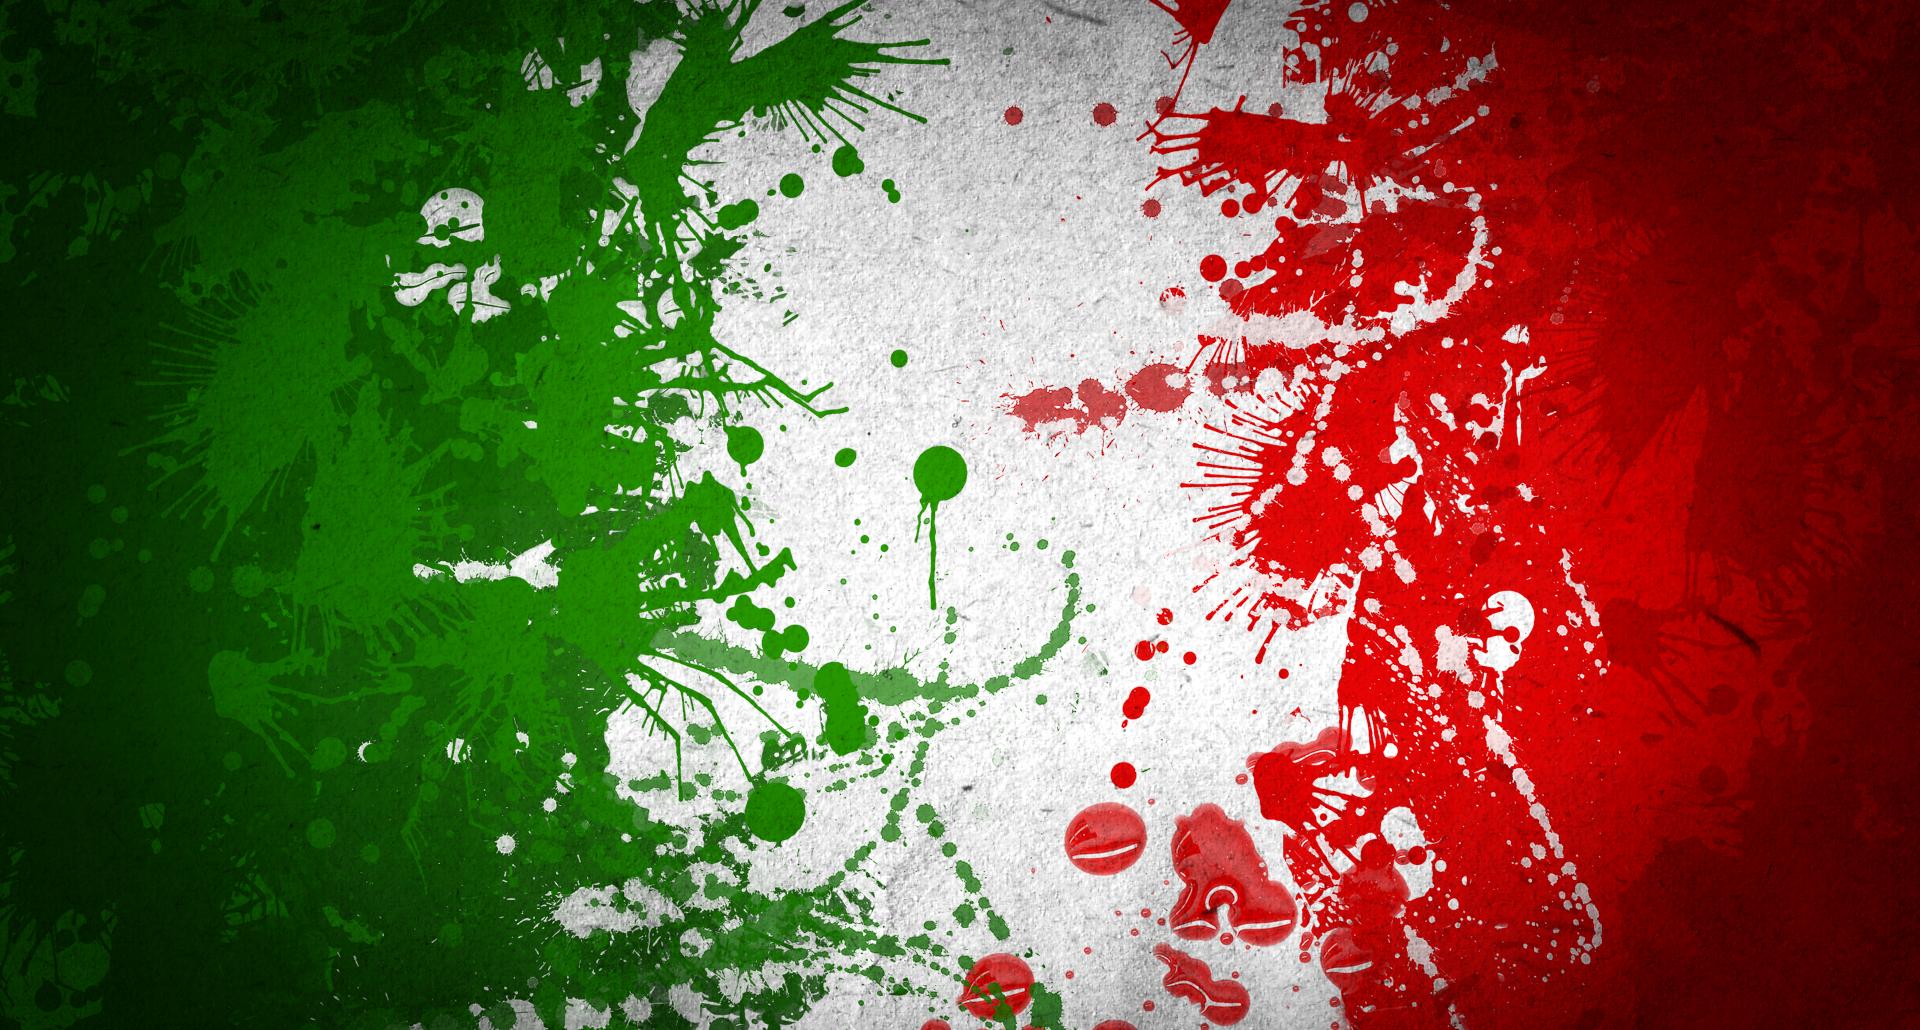 italian wallpapers for desktop Flag art italy wallpaper High 1920x1030